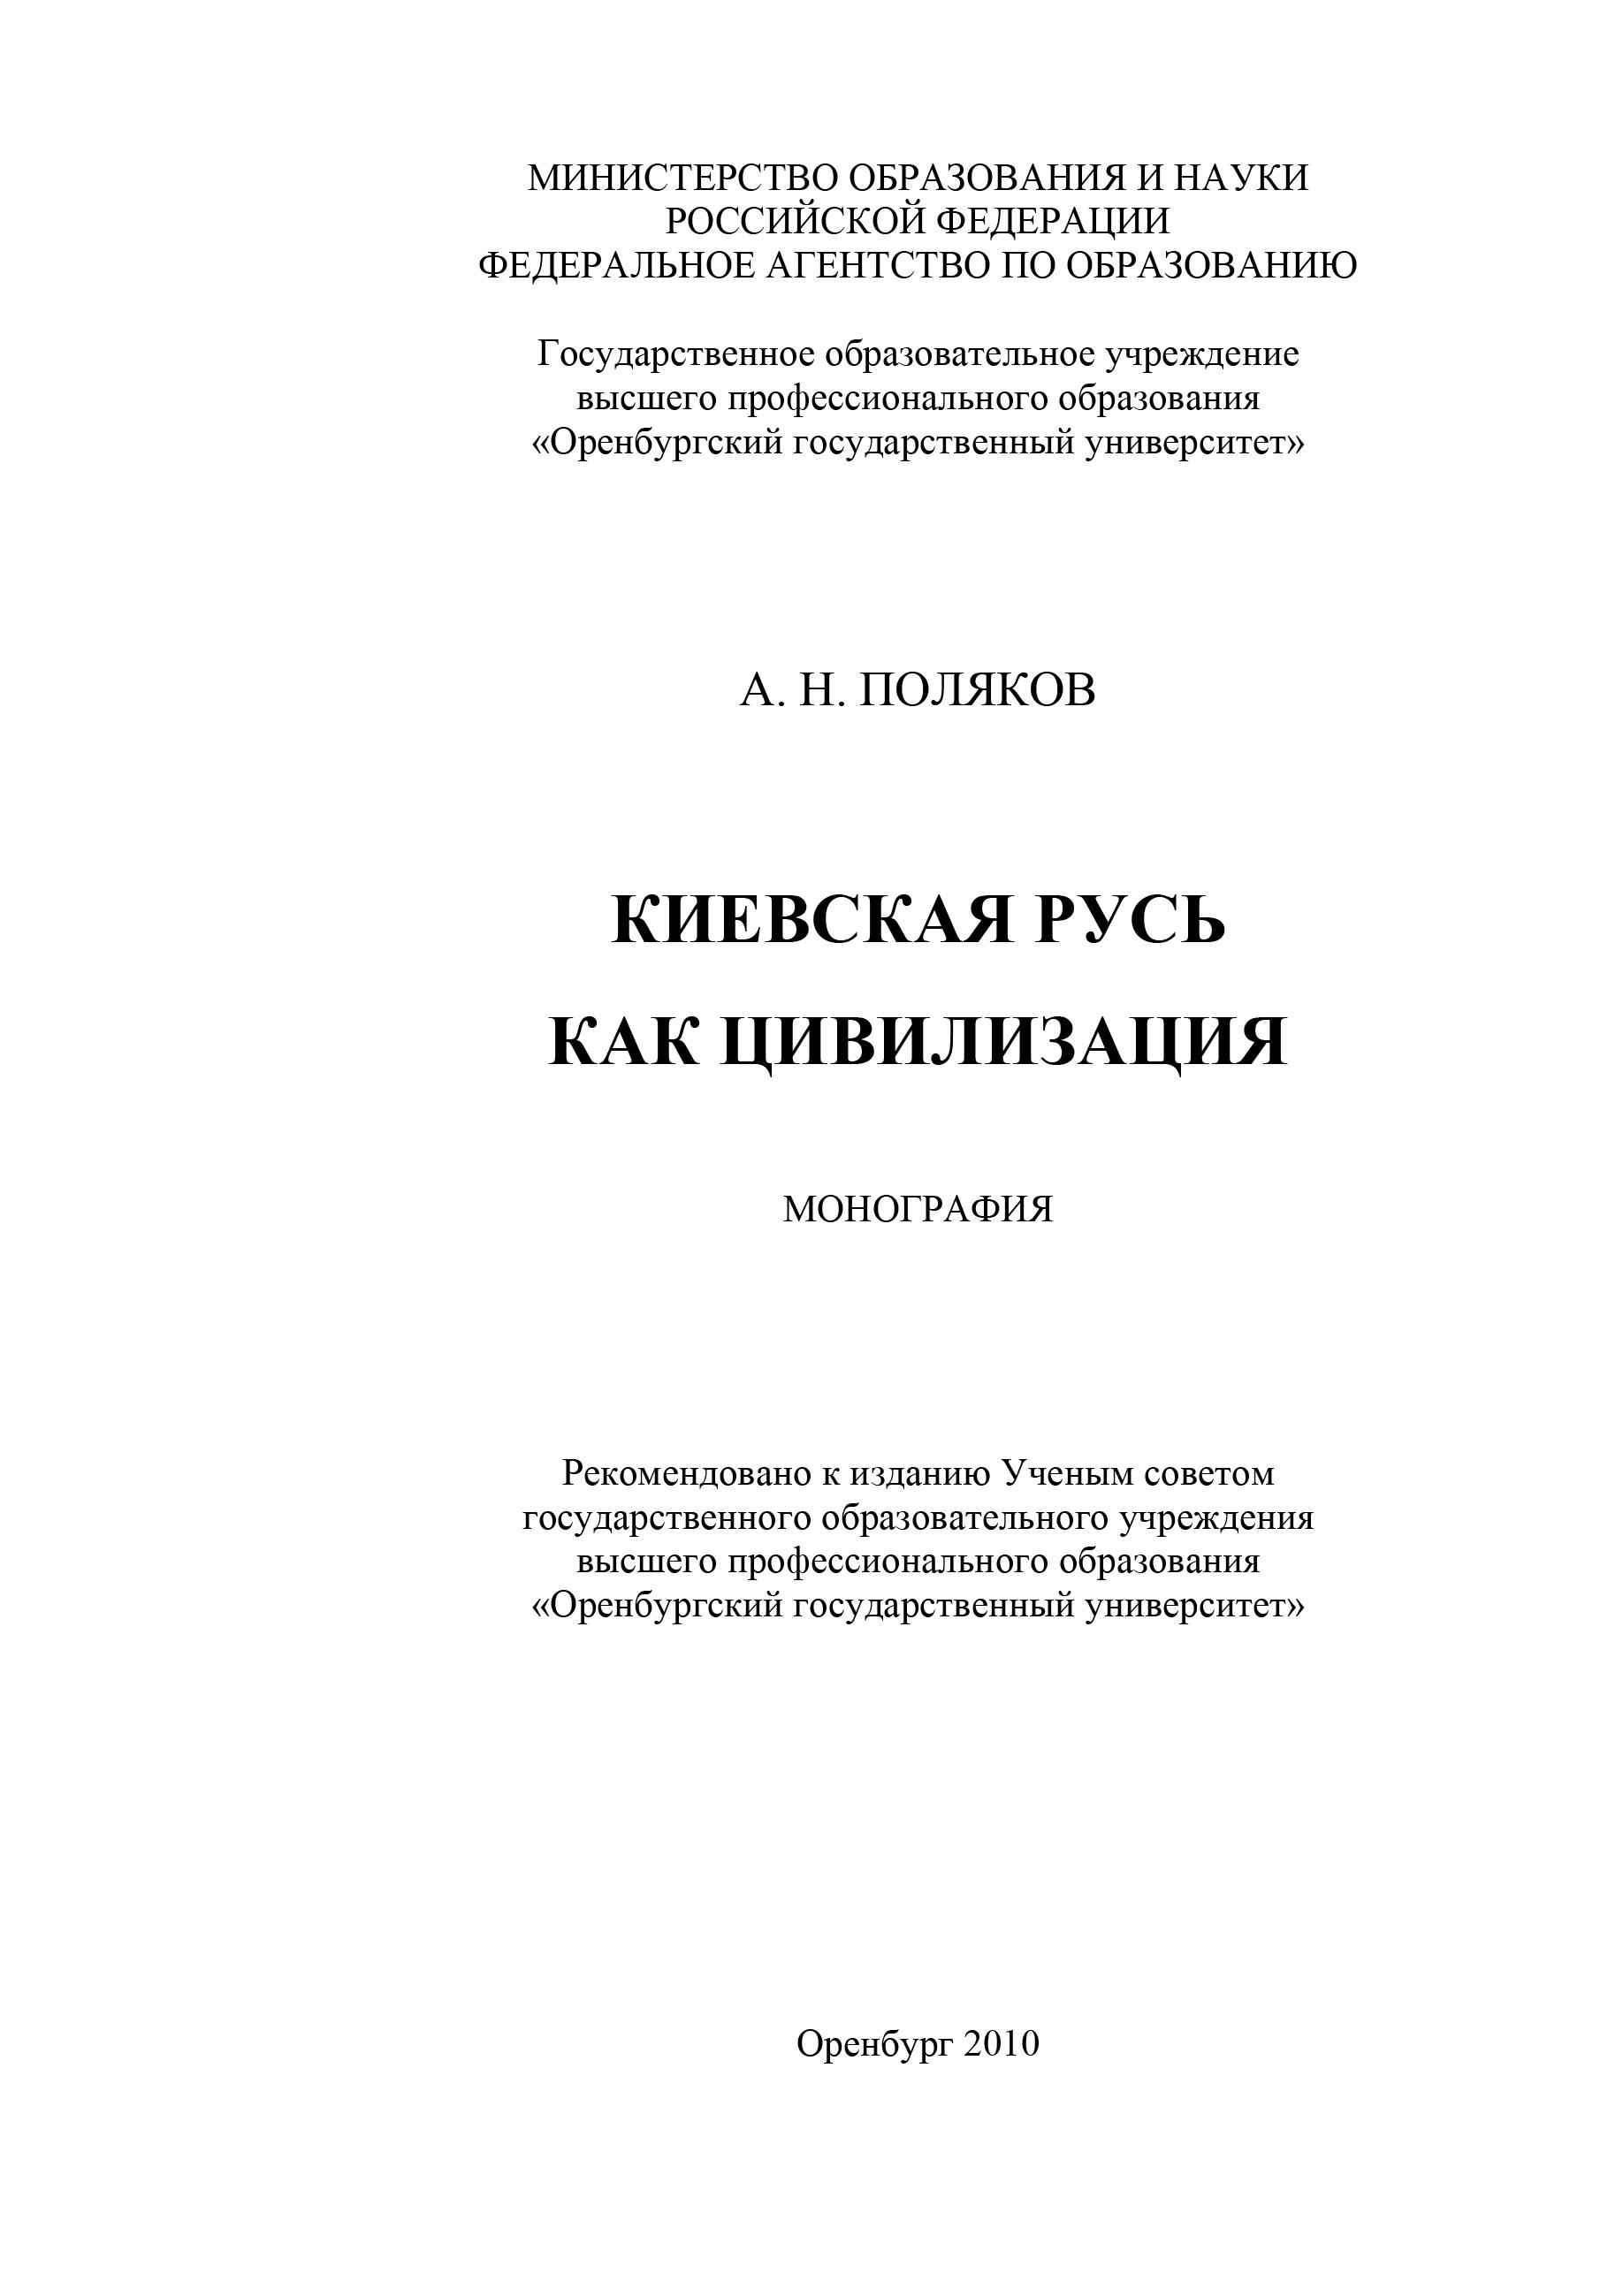 А. Н. Поляков Киевская Русь как цивилизация